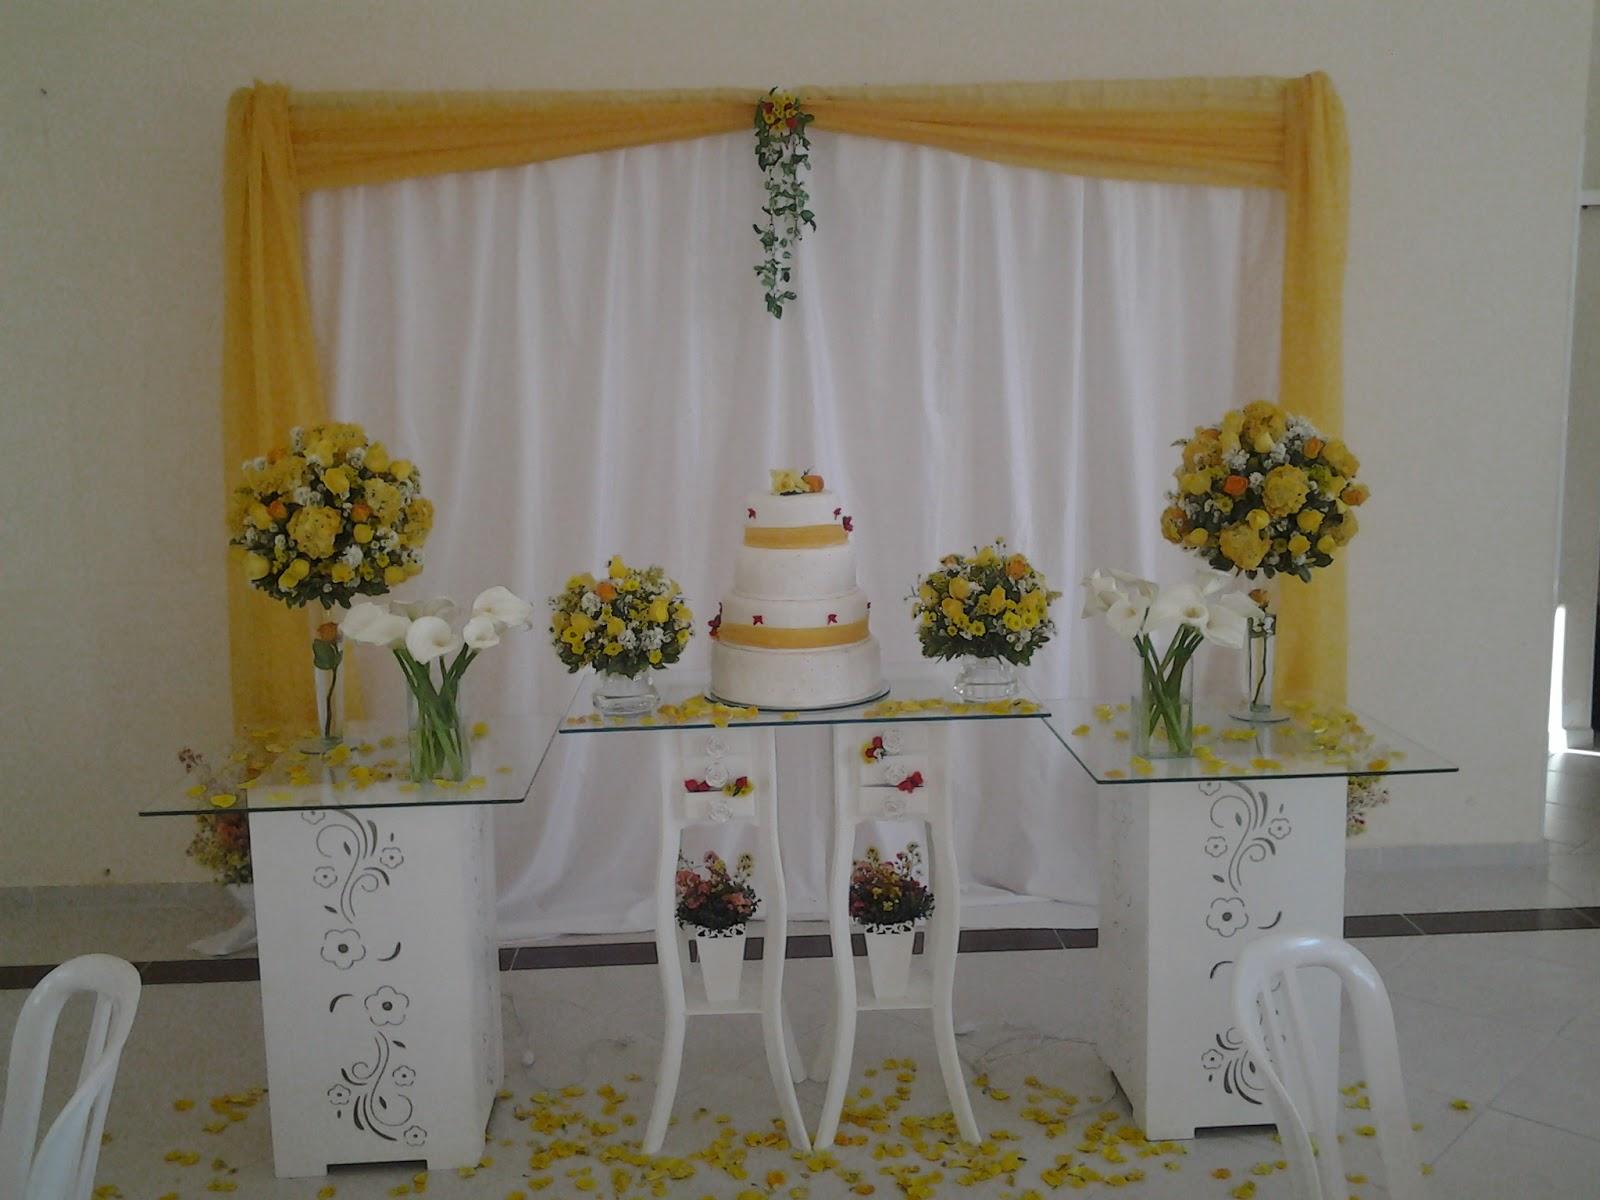 imagens de decoracao de casamento azul e amarelo : imagens de decoracao de casamento azul e amarelo:Decoracao De Casamento Amarelo E Branco